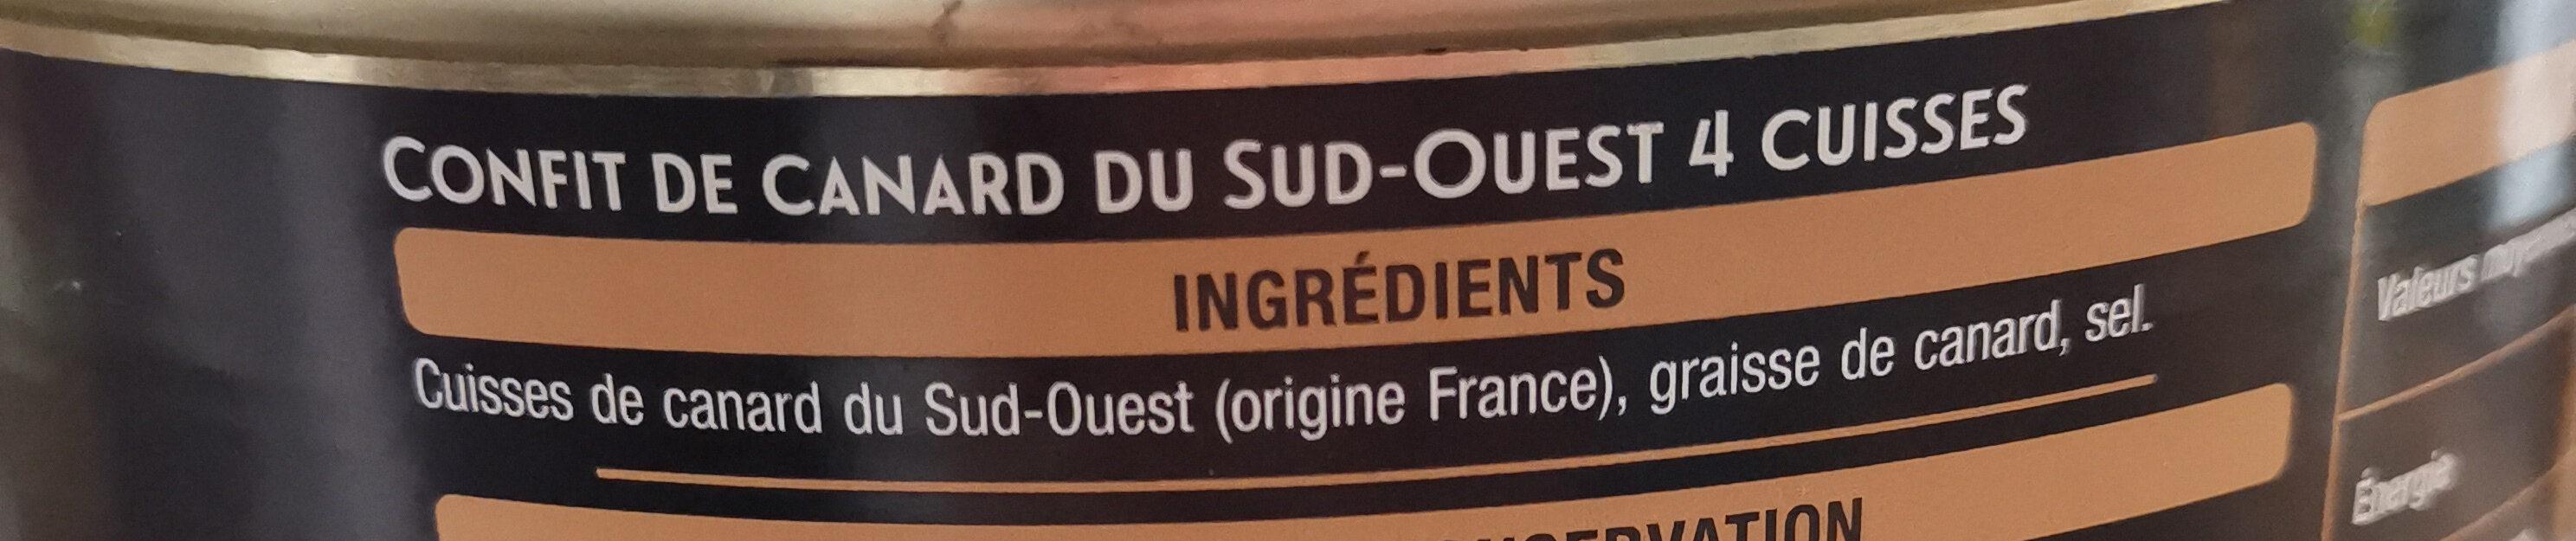 Confit De Canard du sud-ouest 4 cuisses - Ingredienti - fr